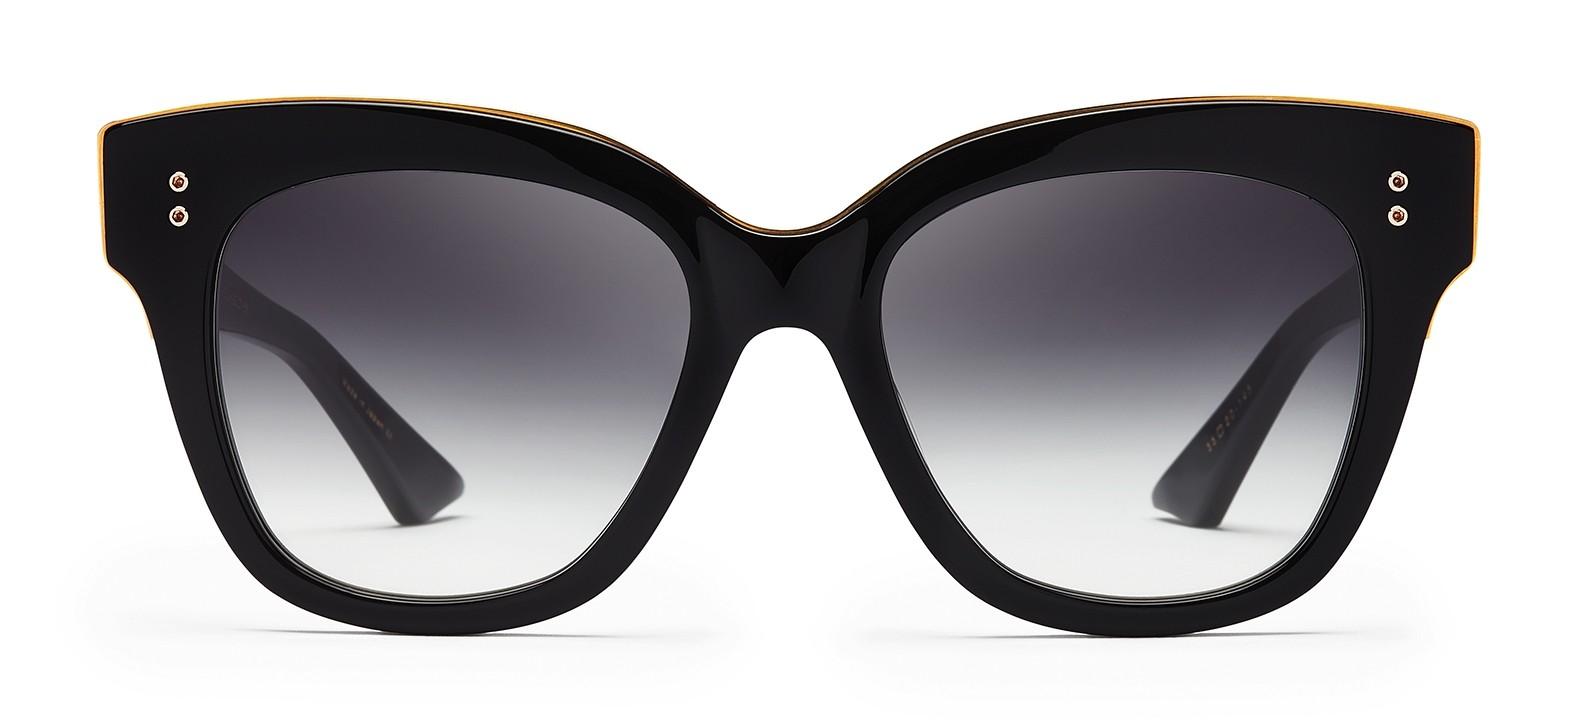 okulary dita przeciwsłoneczne DAYTRIPPER